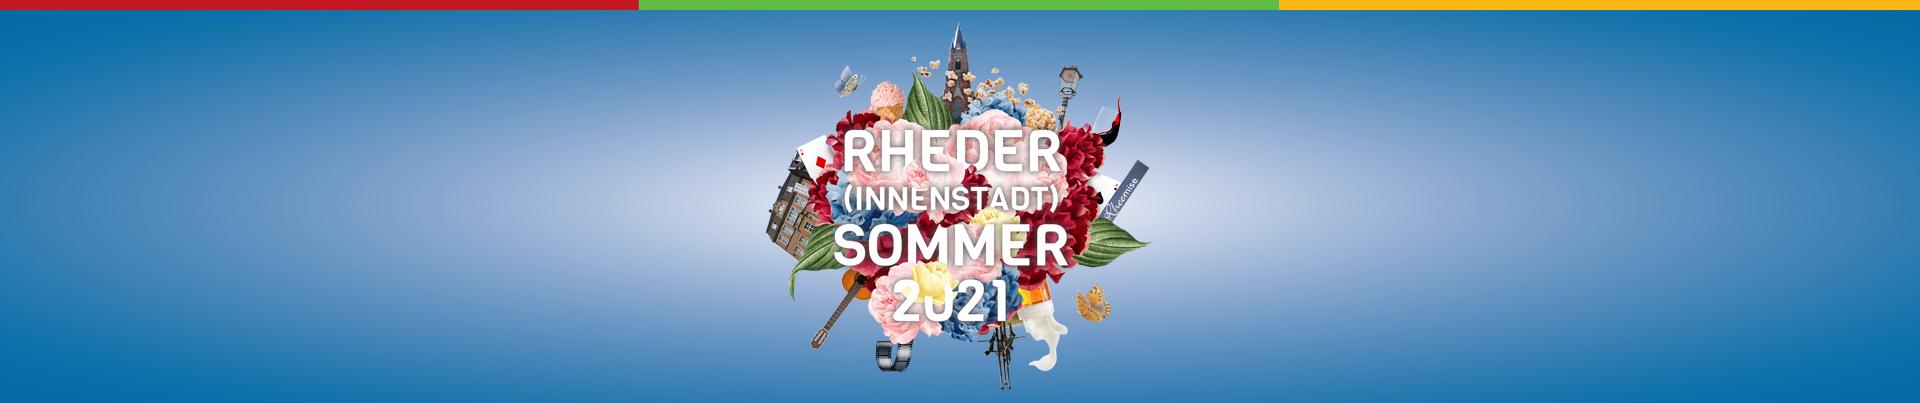 Rheder Sommer 2021